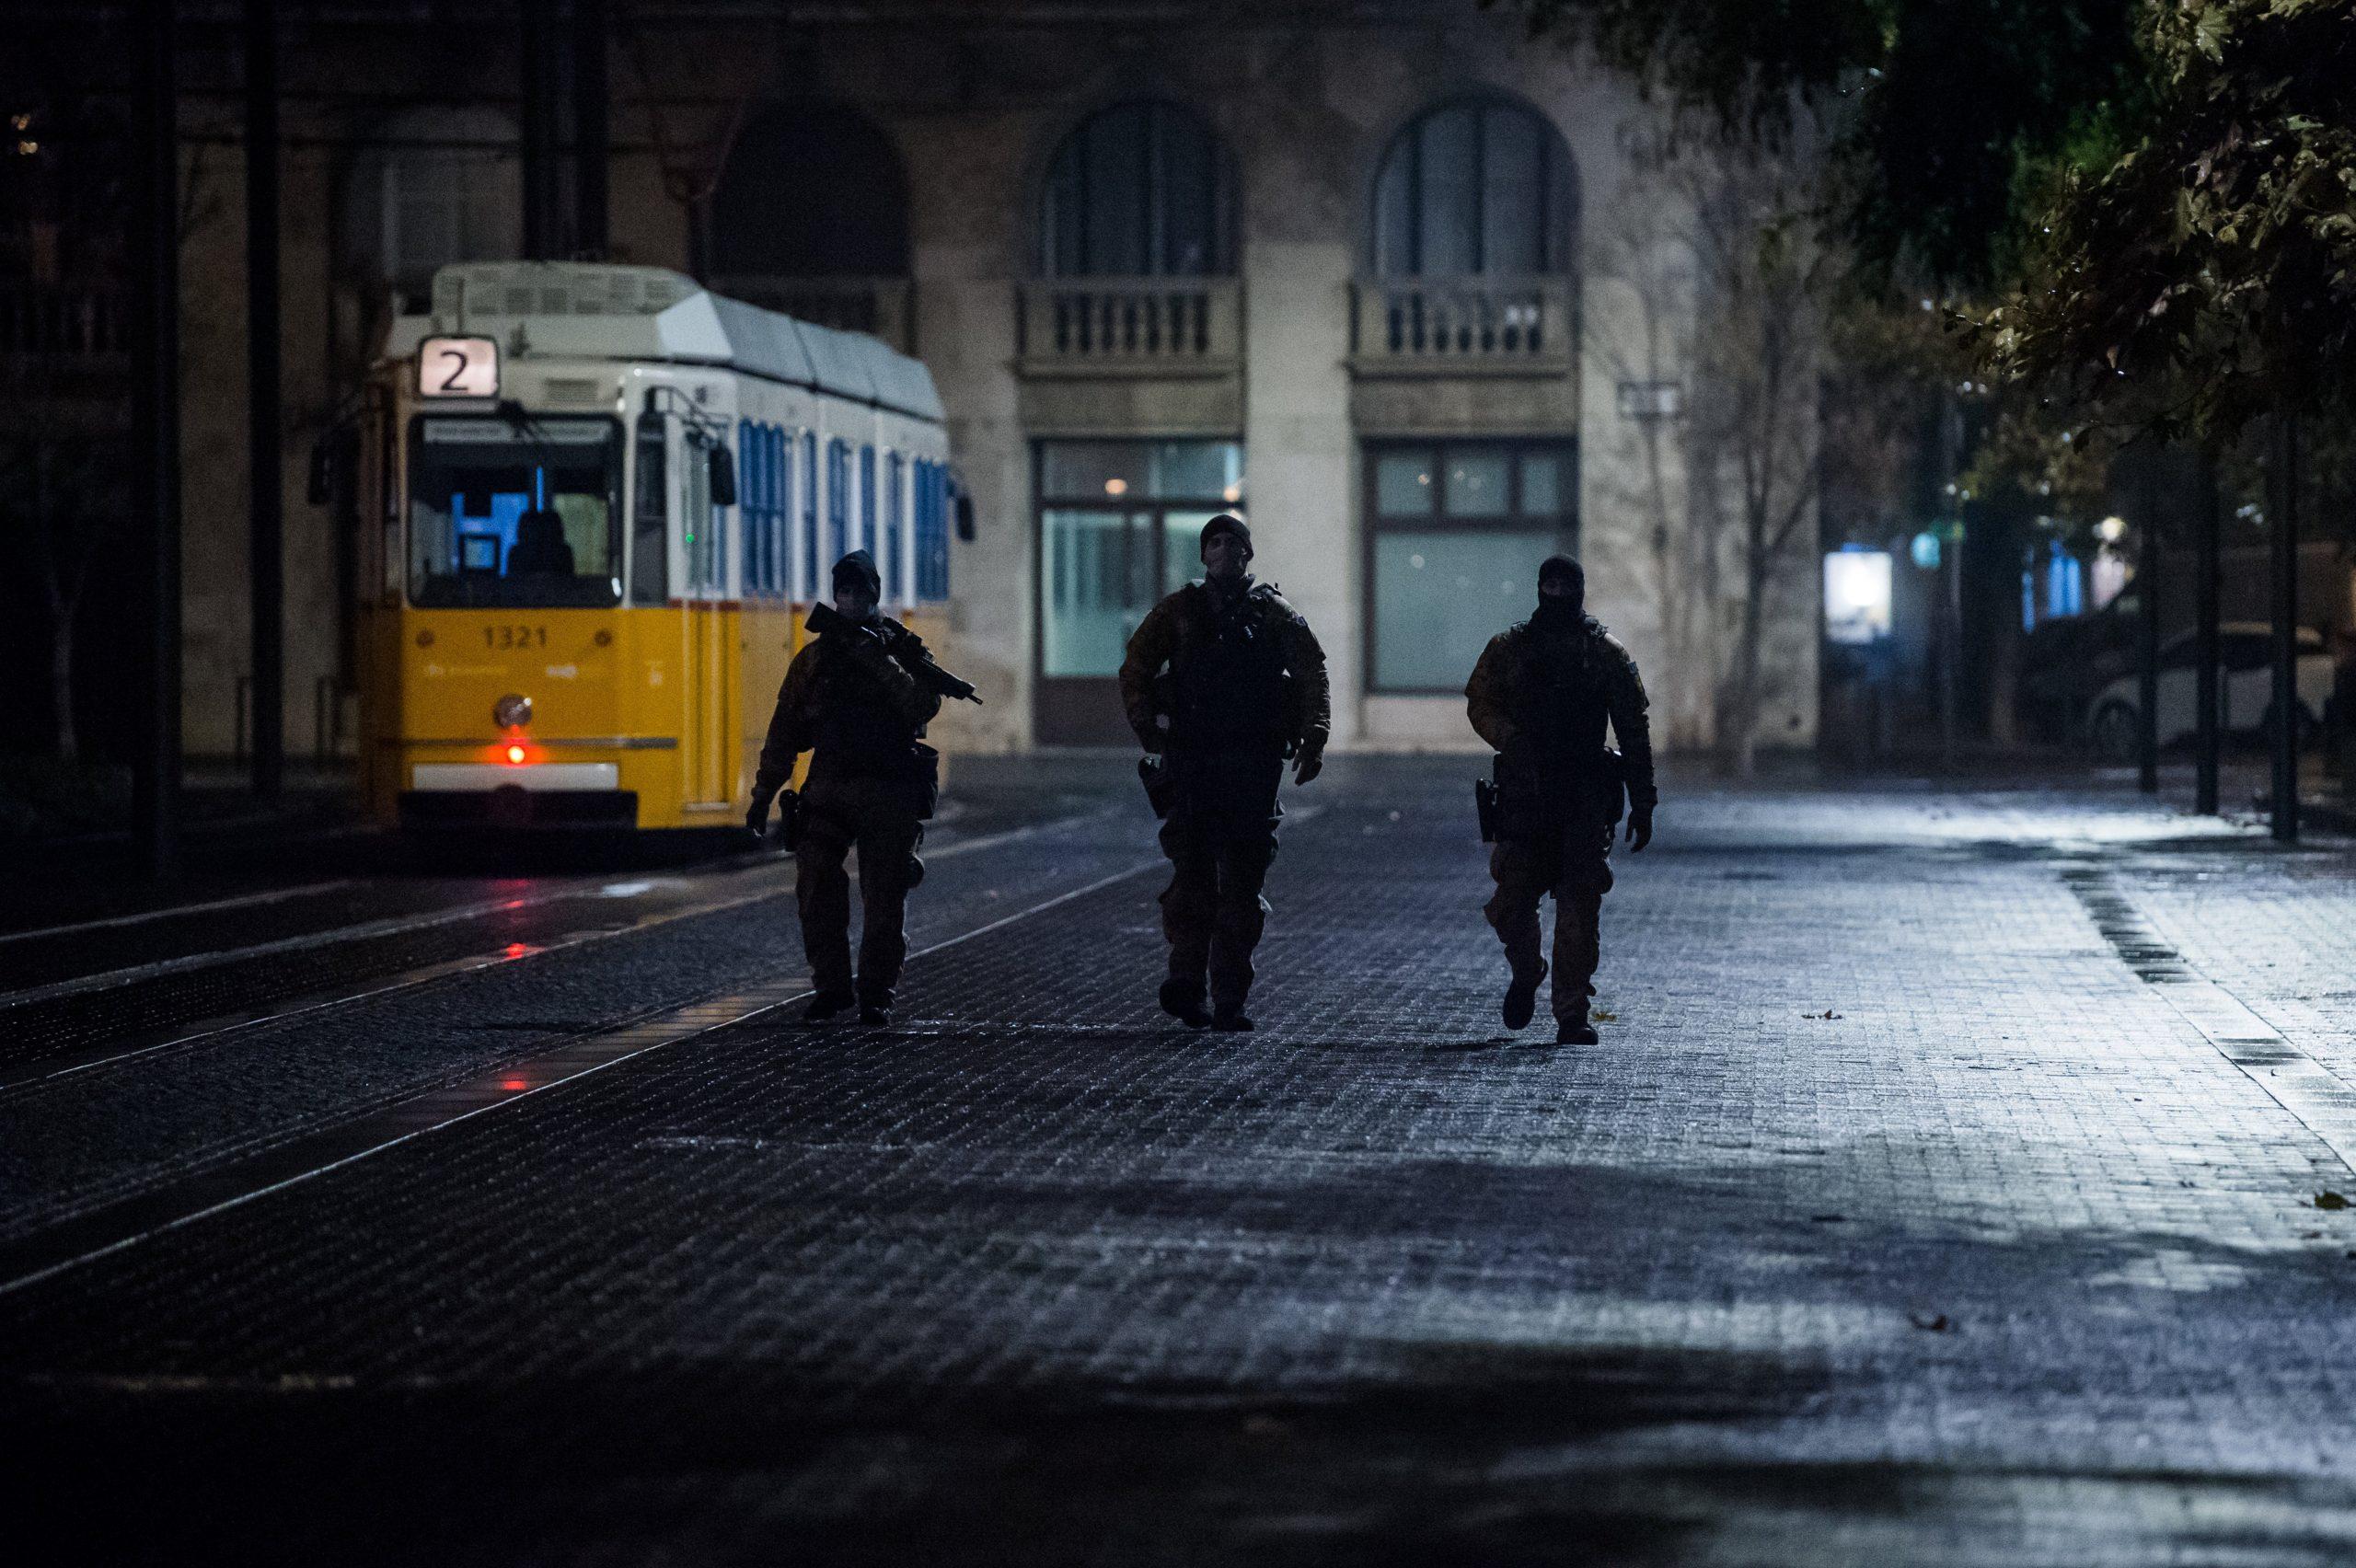 Budapost: Regierung verkündet neuerlichen Lockdown